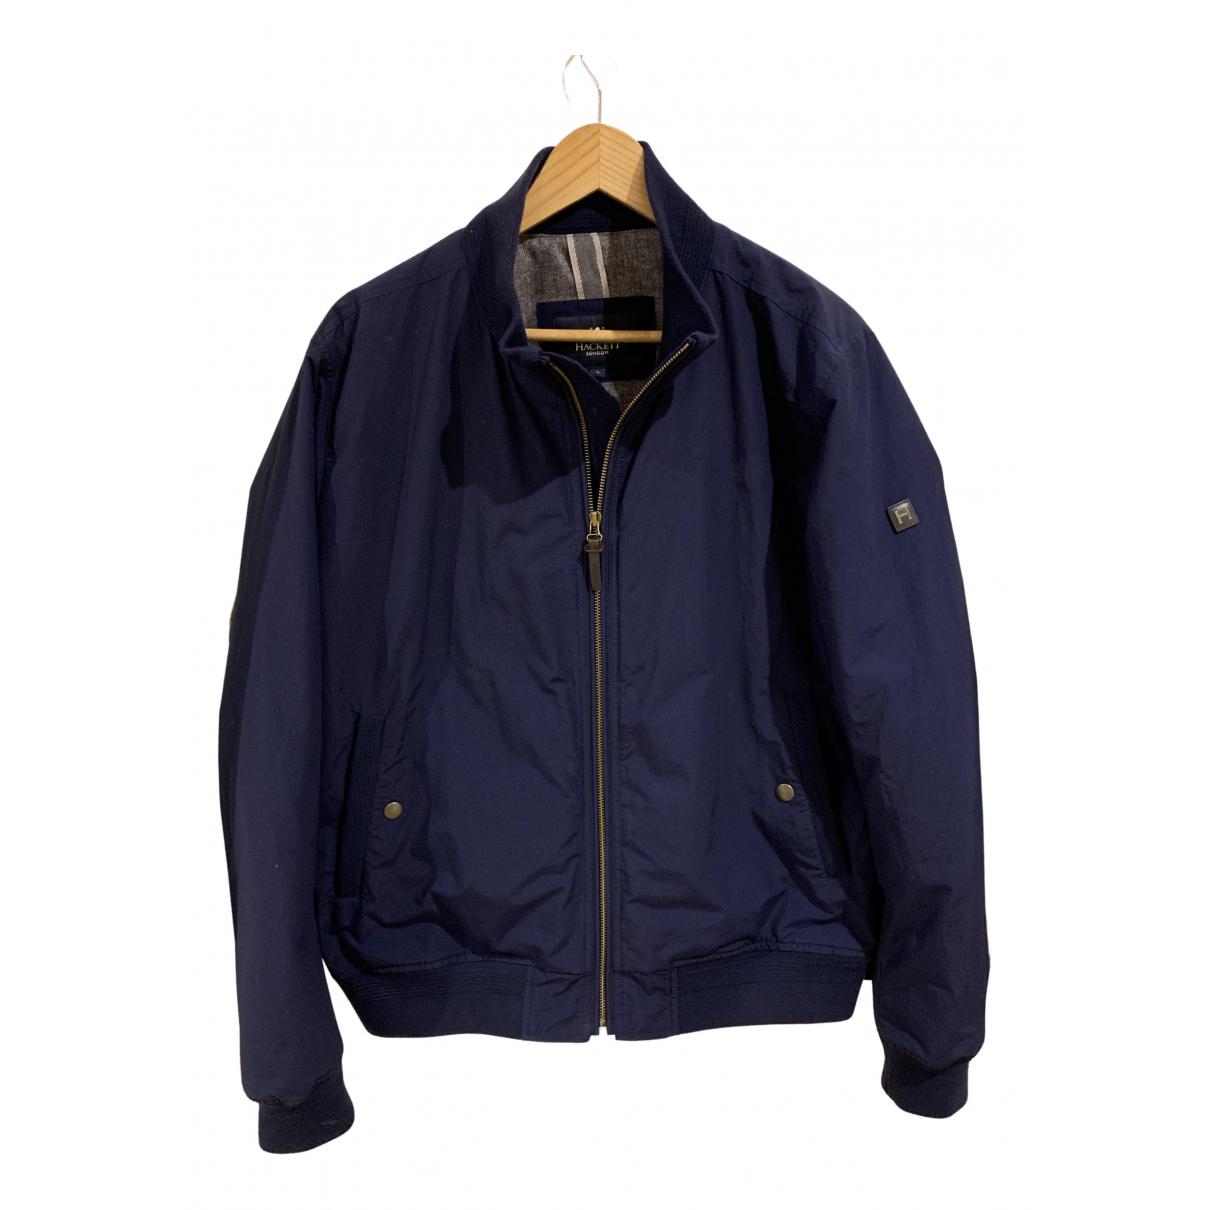 Hackett London - Manteau   pour homme en coton - bleu